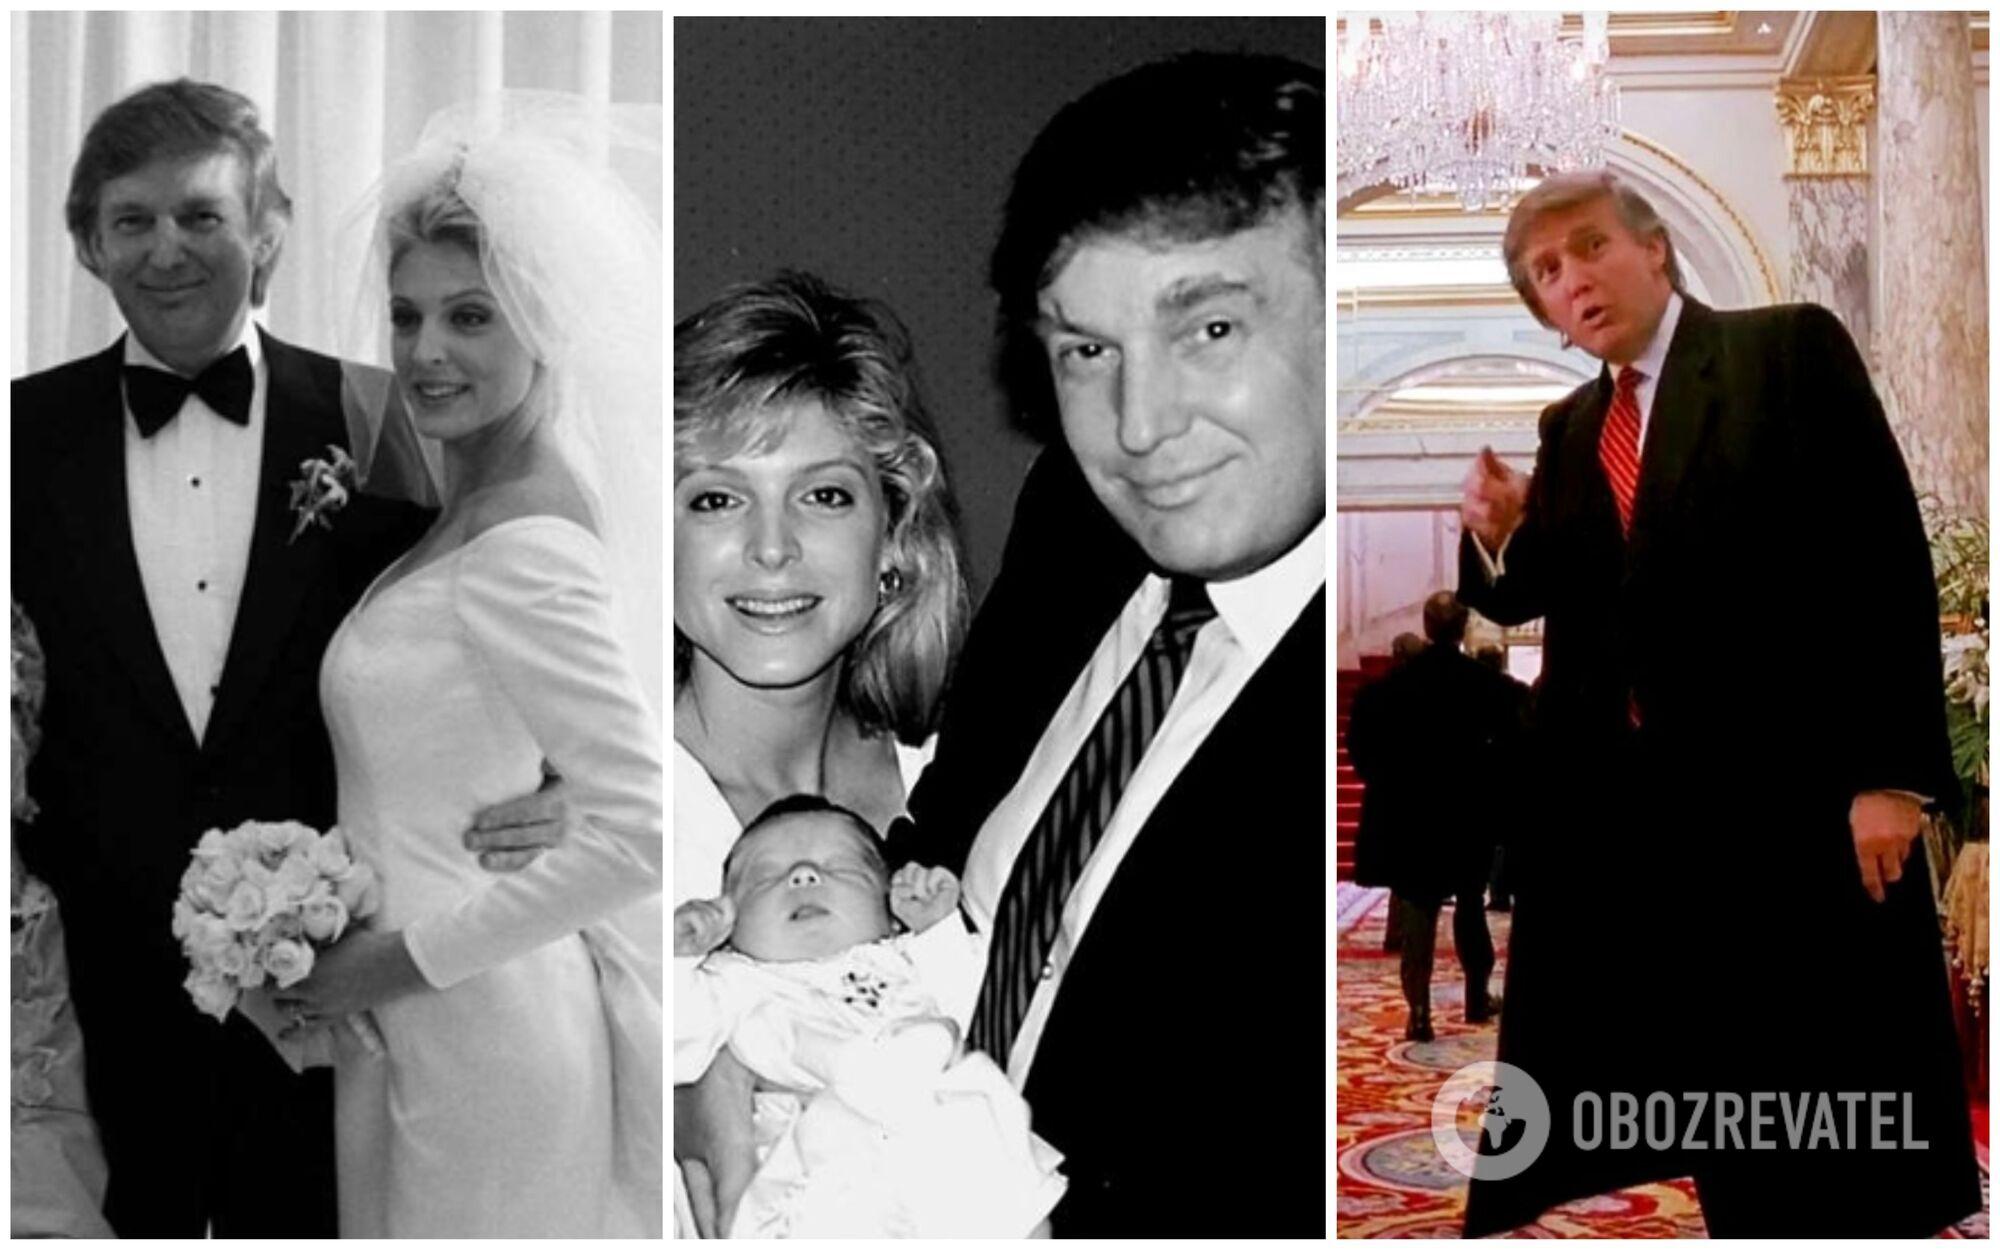 90-е для Трампа оказались сложным периодом: разрыв с первой женой Иваной, женитьба на Марле и банкротство сразу четырех компаний